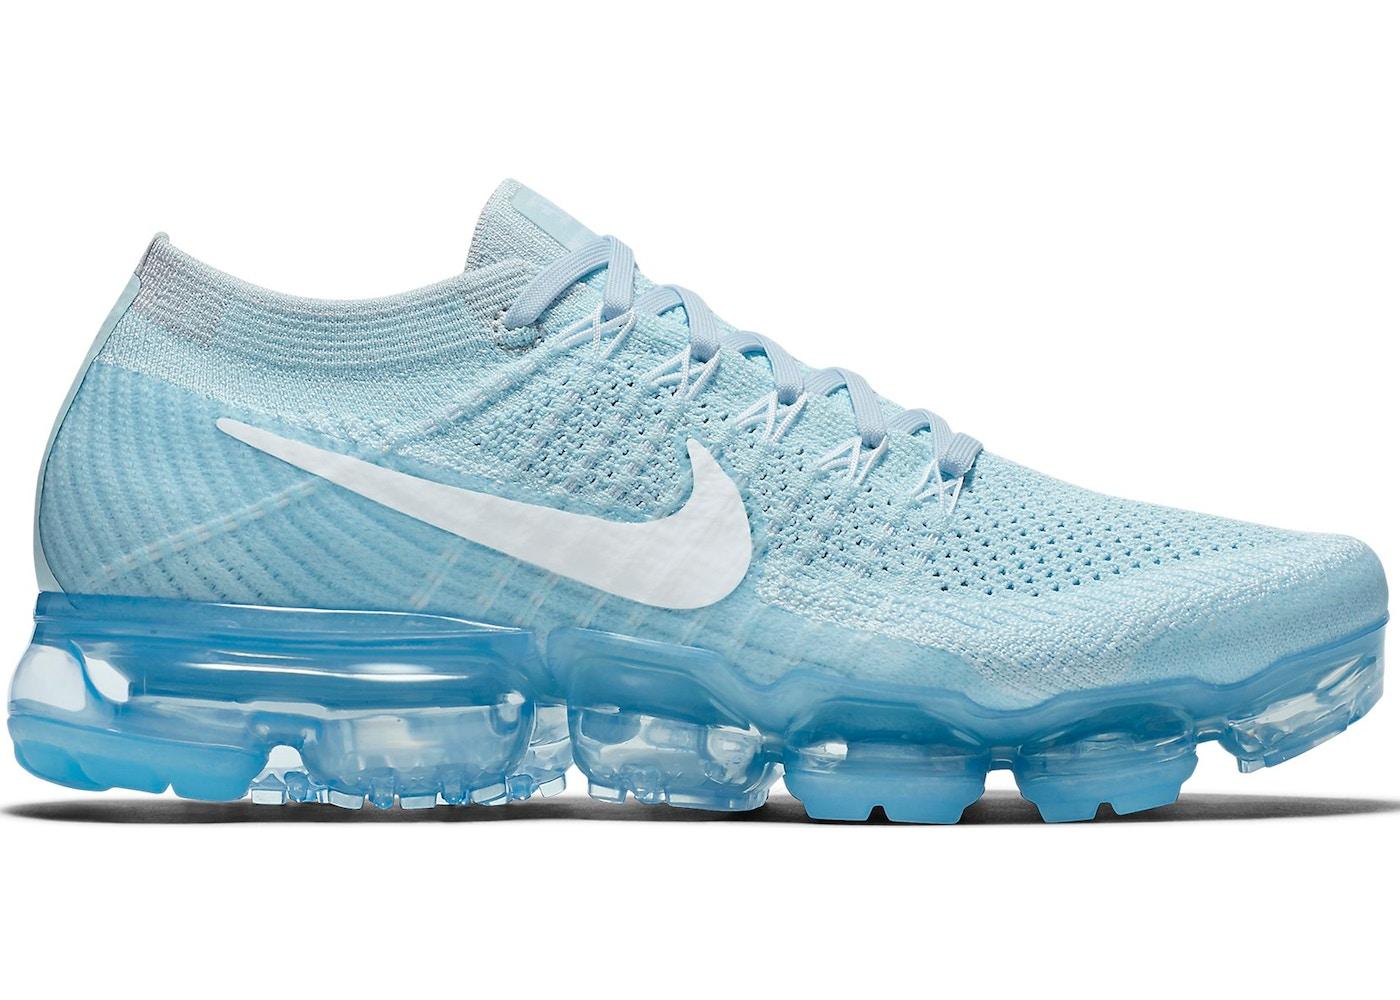 Nike Air Max VaporMax Shoes Price Premium